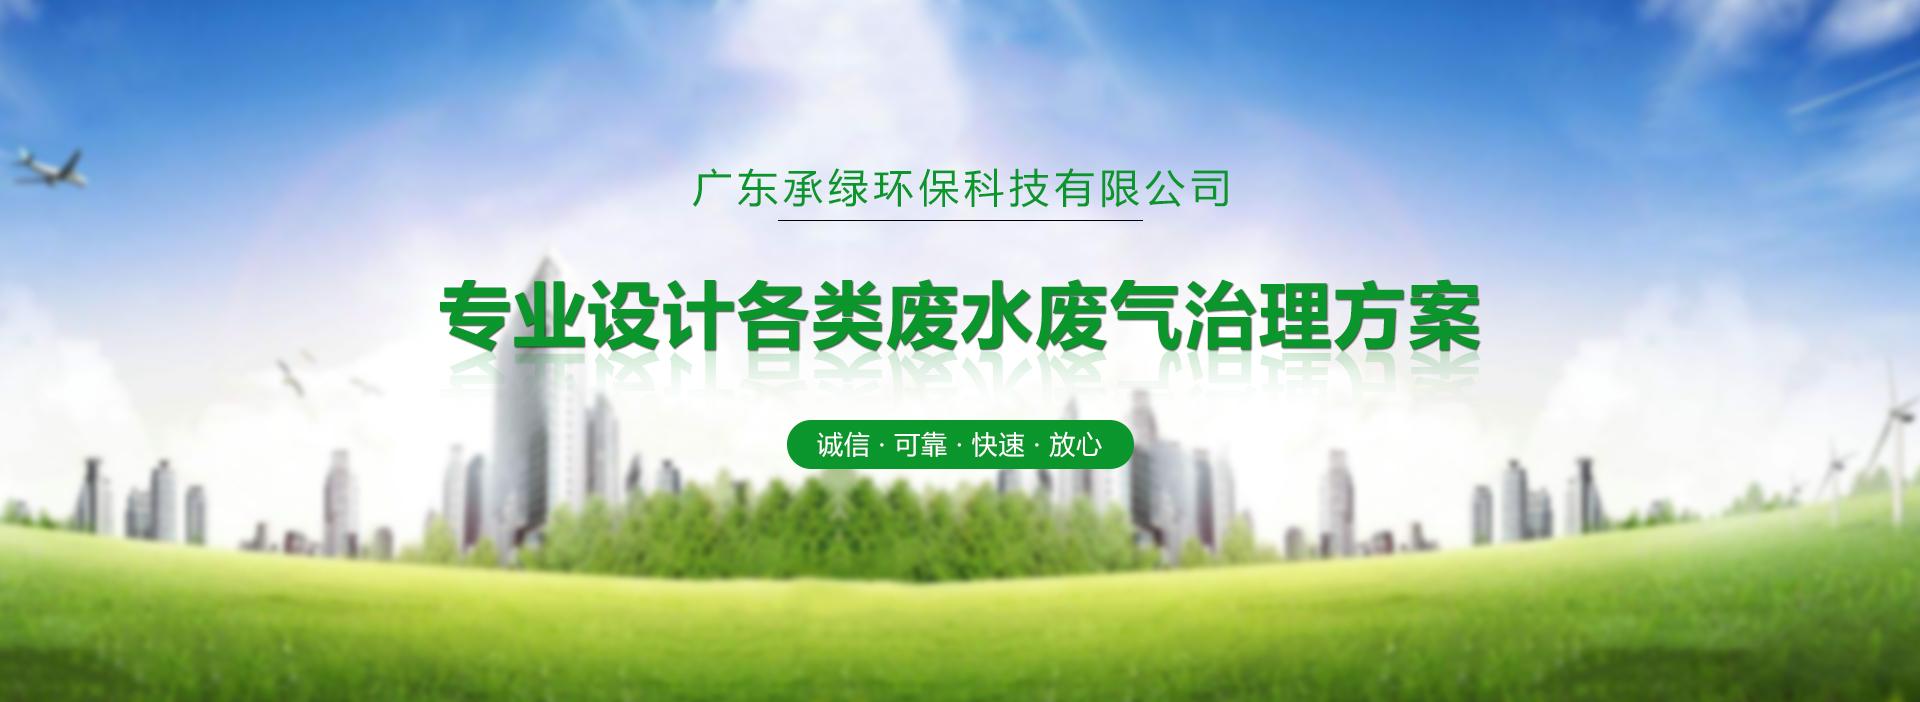 广州ballbet贝博官网贝博bet体育下载